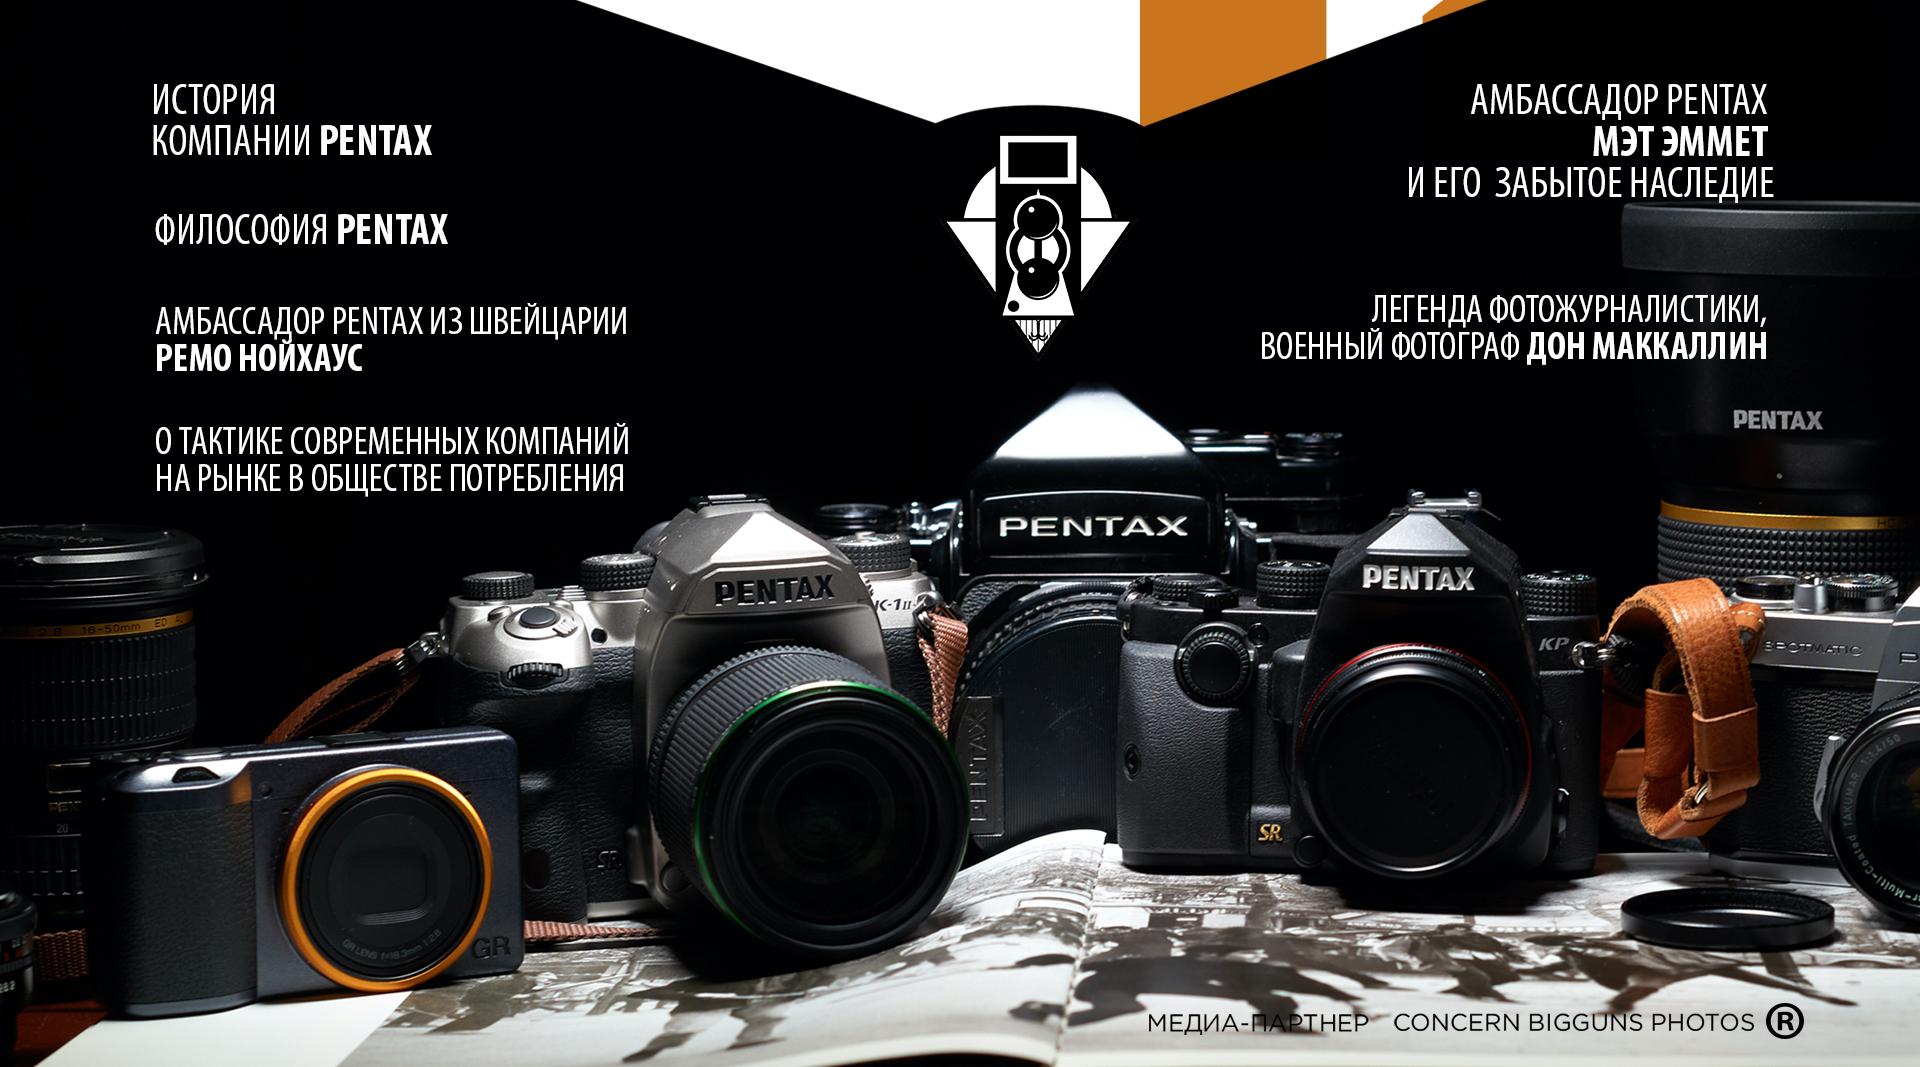 Журнал «Пленка. Фотография. Жизнь». Выпуск 5. Апрель 2021